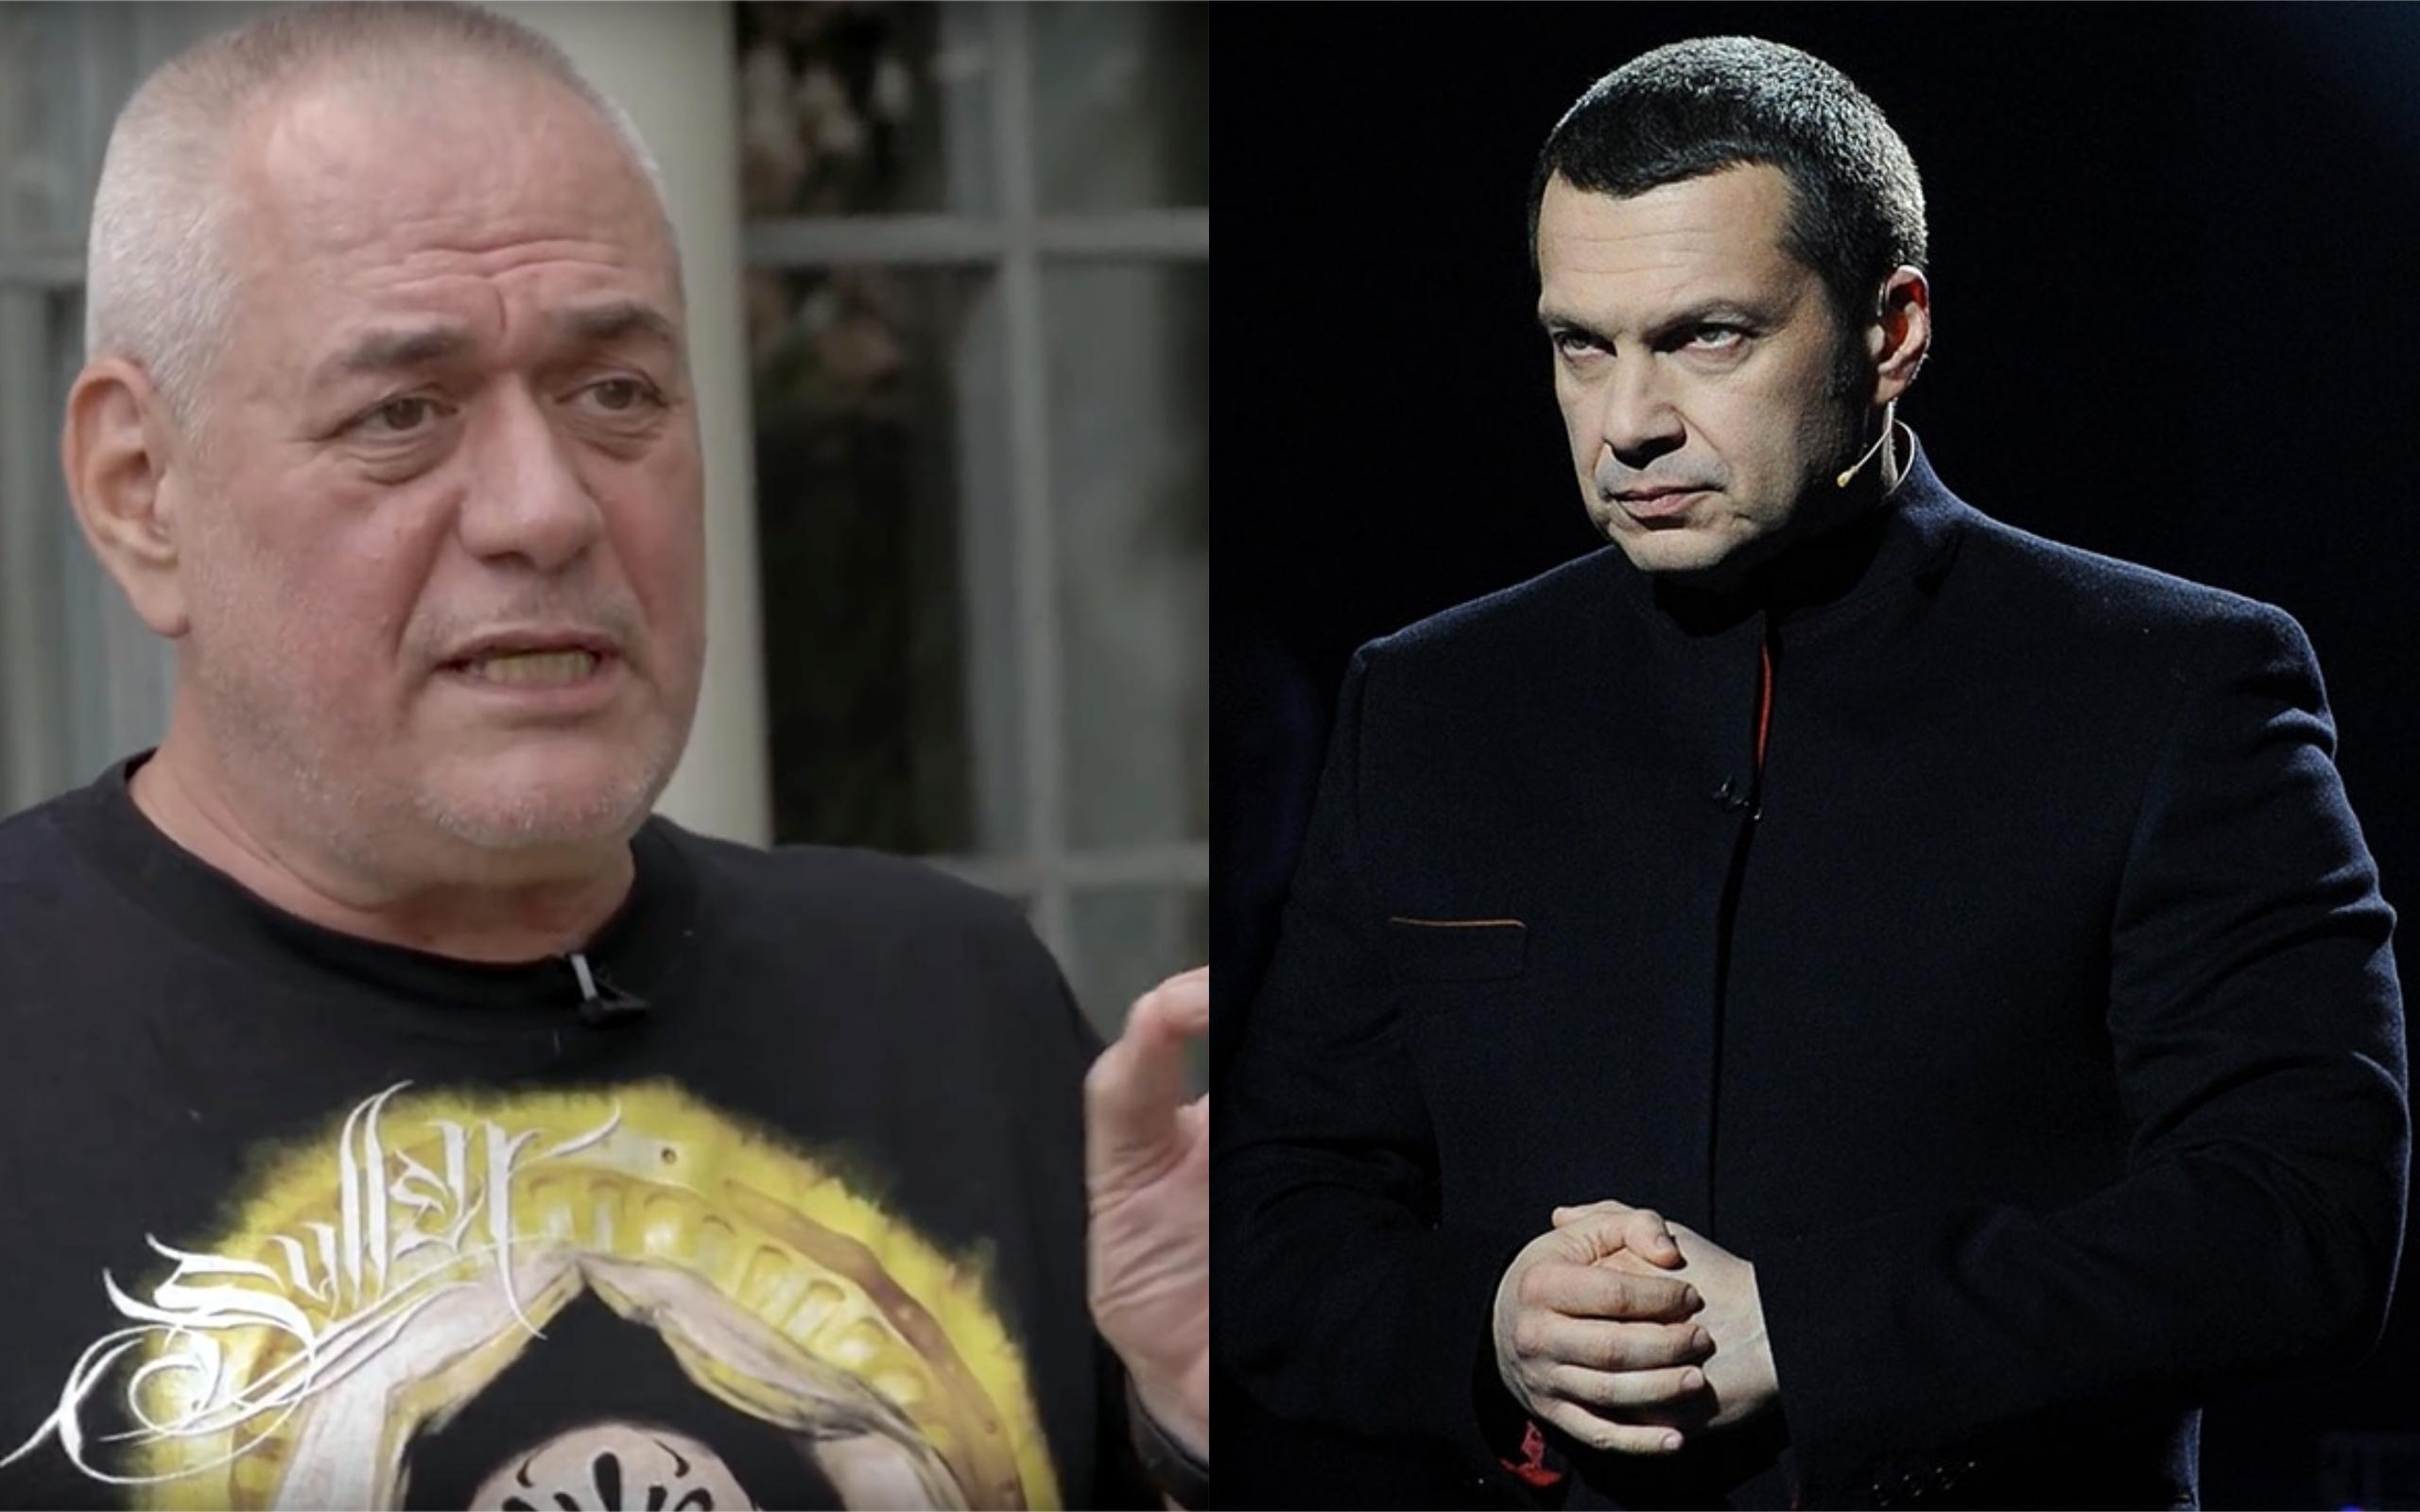 Доренко назвал Соловьева «забавным говнюшонком»